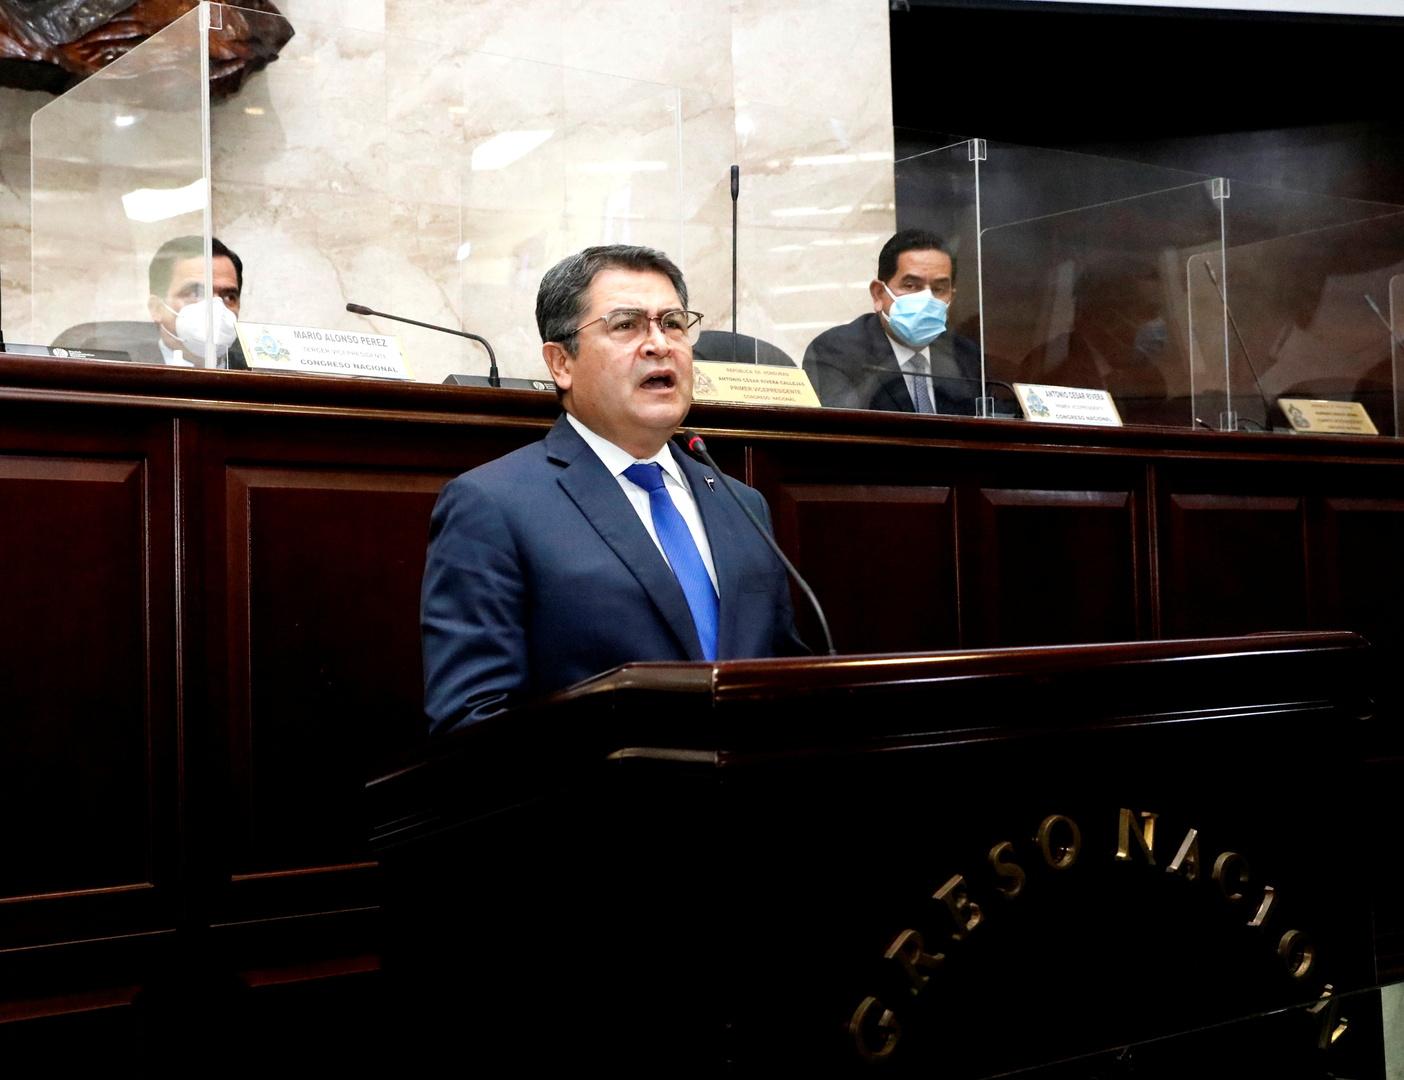 مدع أمريكي: رئيس هندوراس متورط في تجارة المخدرات